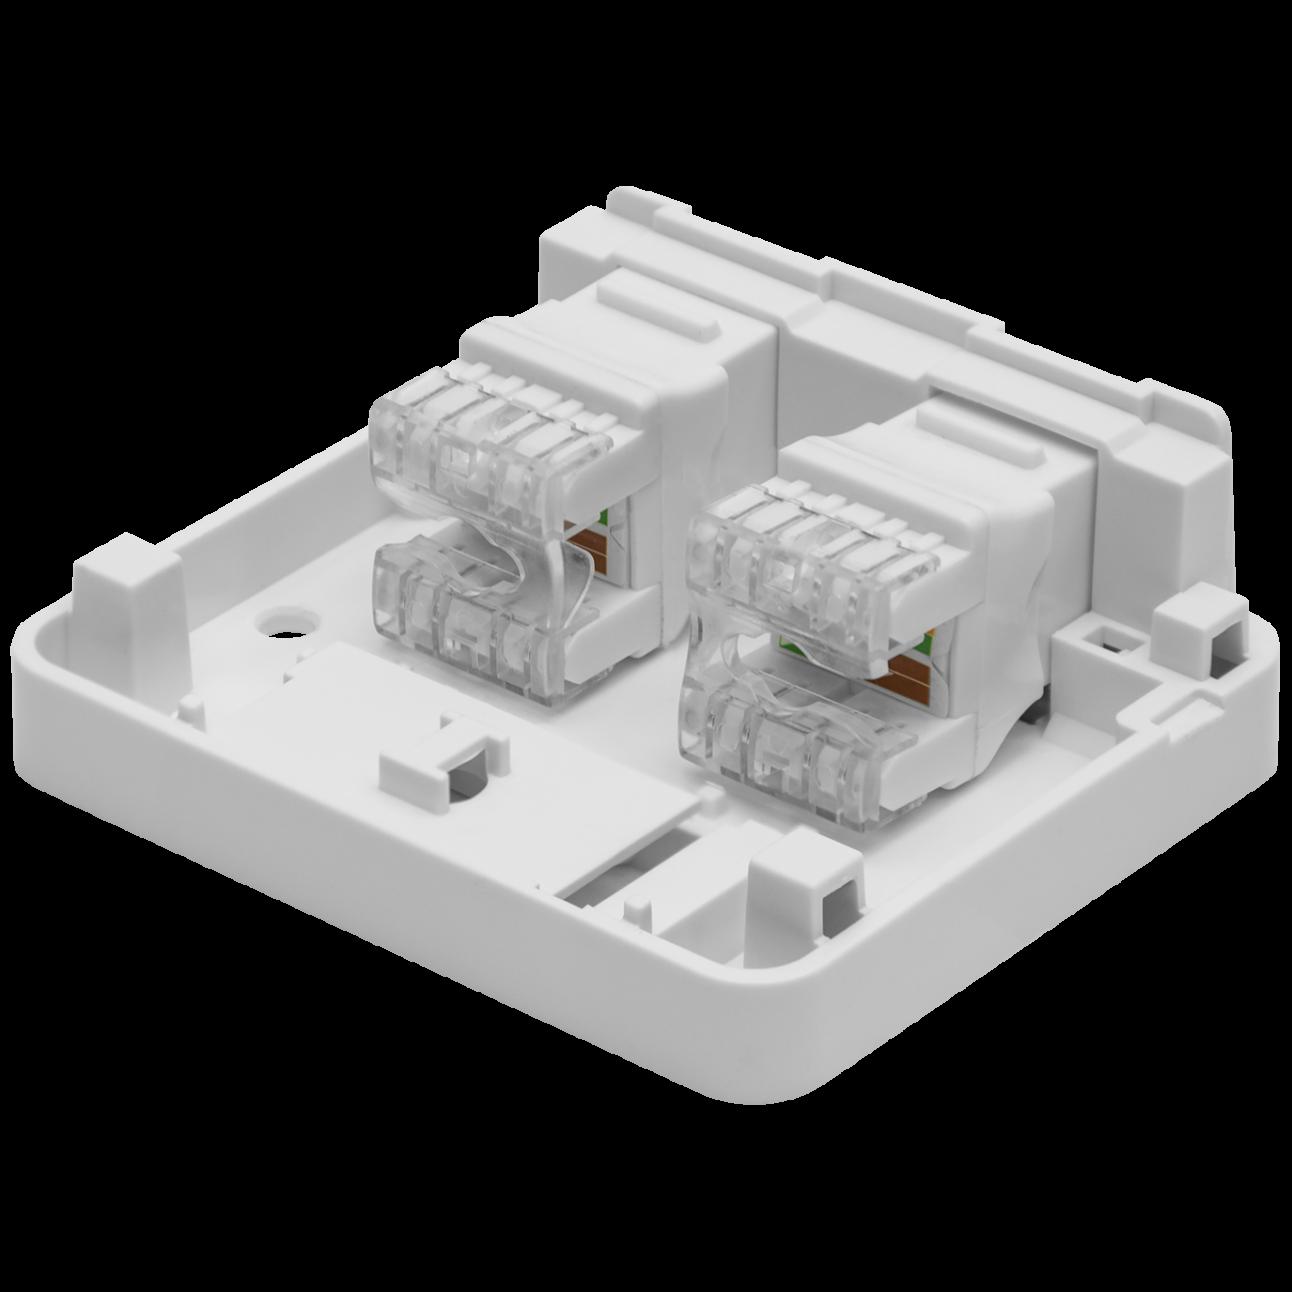 Корпус настенной розетки SNR под модули KeyStone, 2 порта